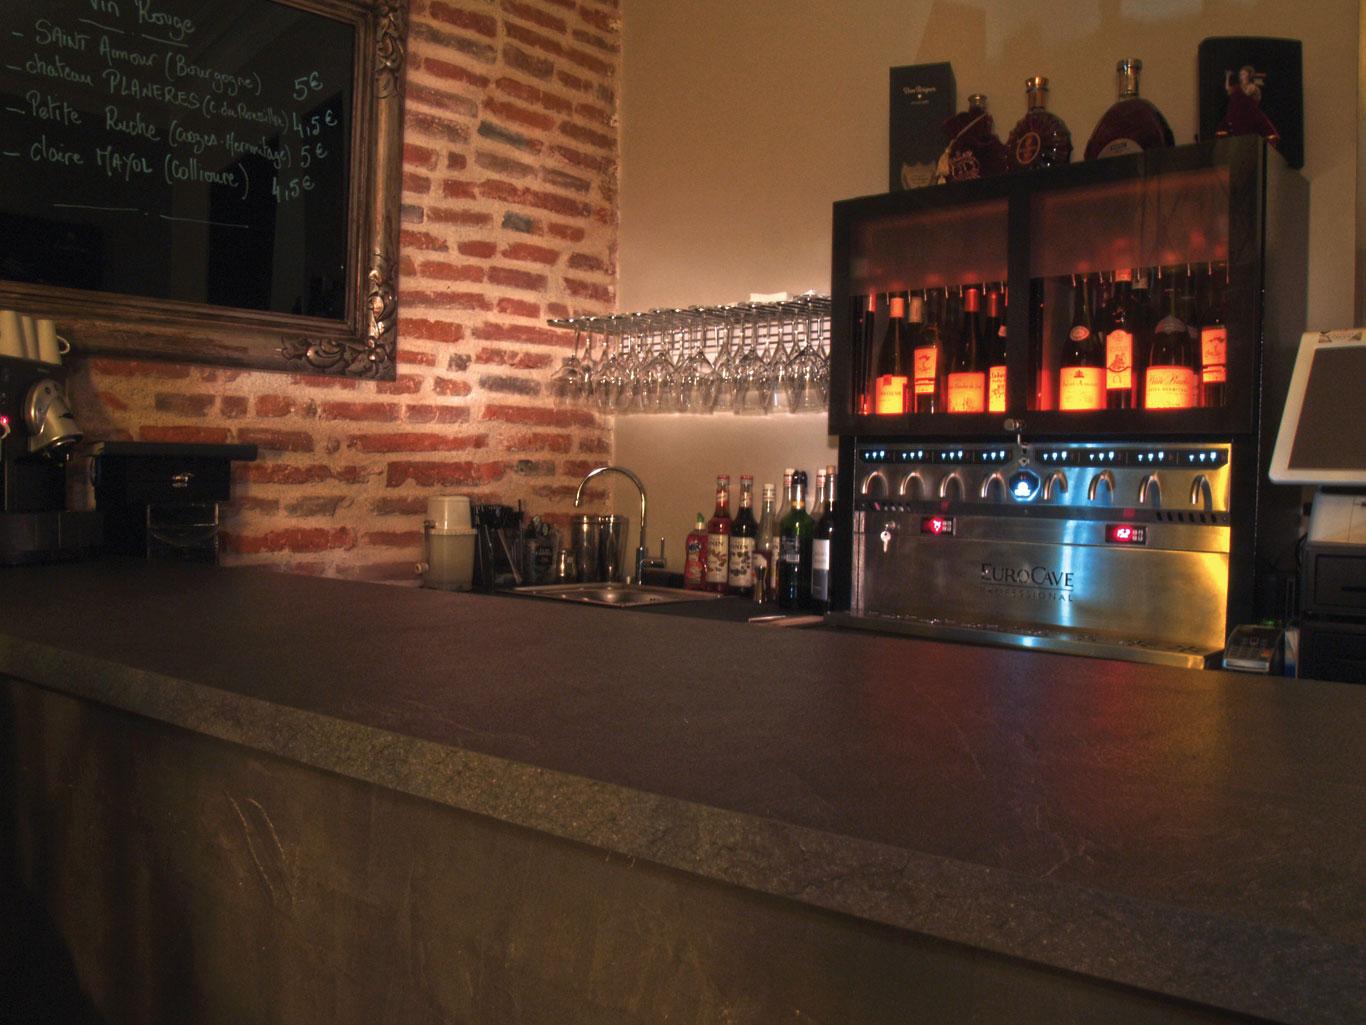 19-le-boudoir-restaurant-vins-Eurocave-Perpignan